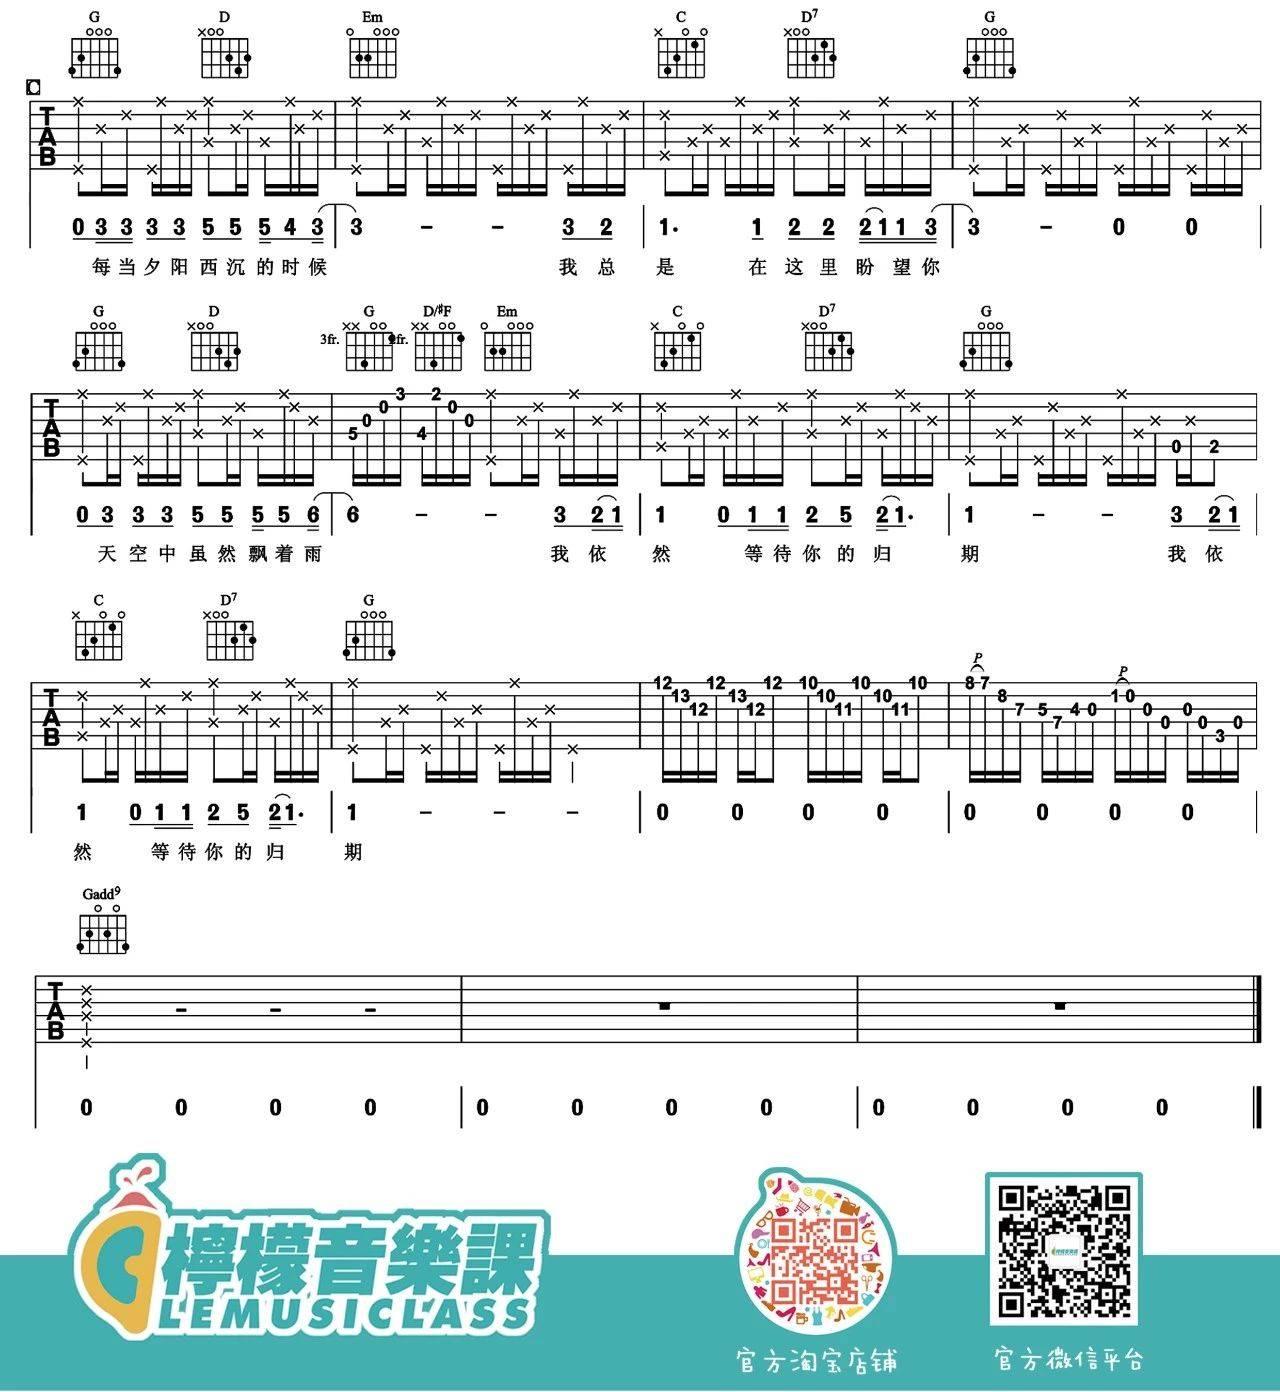 吉他派《外面的世界》吉他谱-4